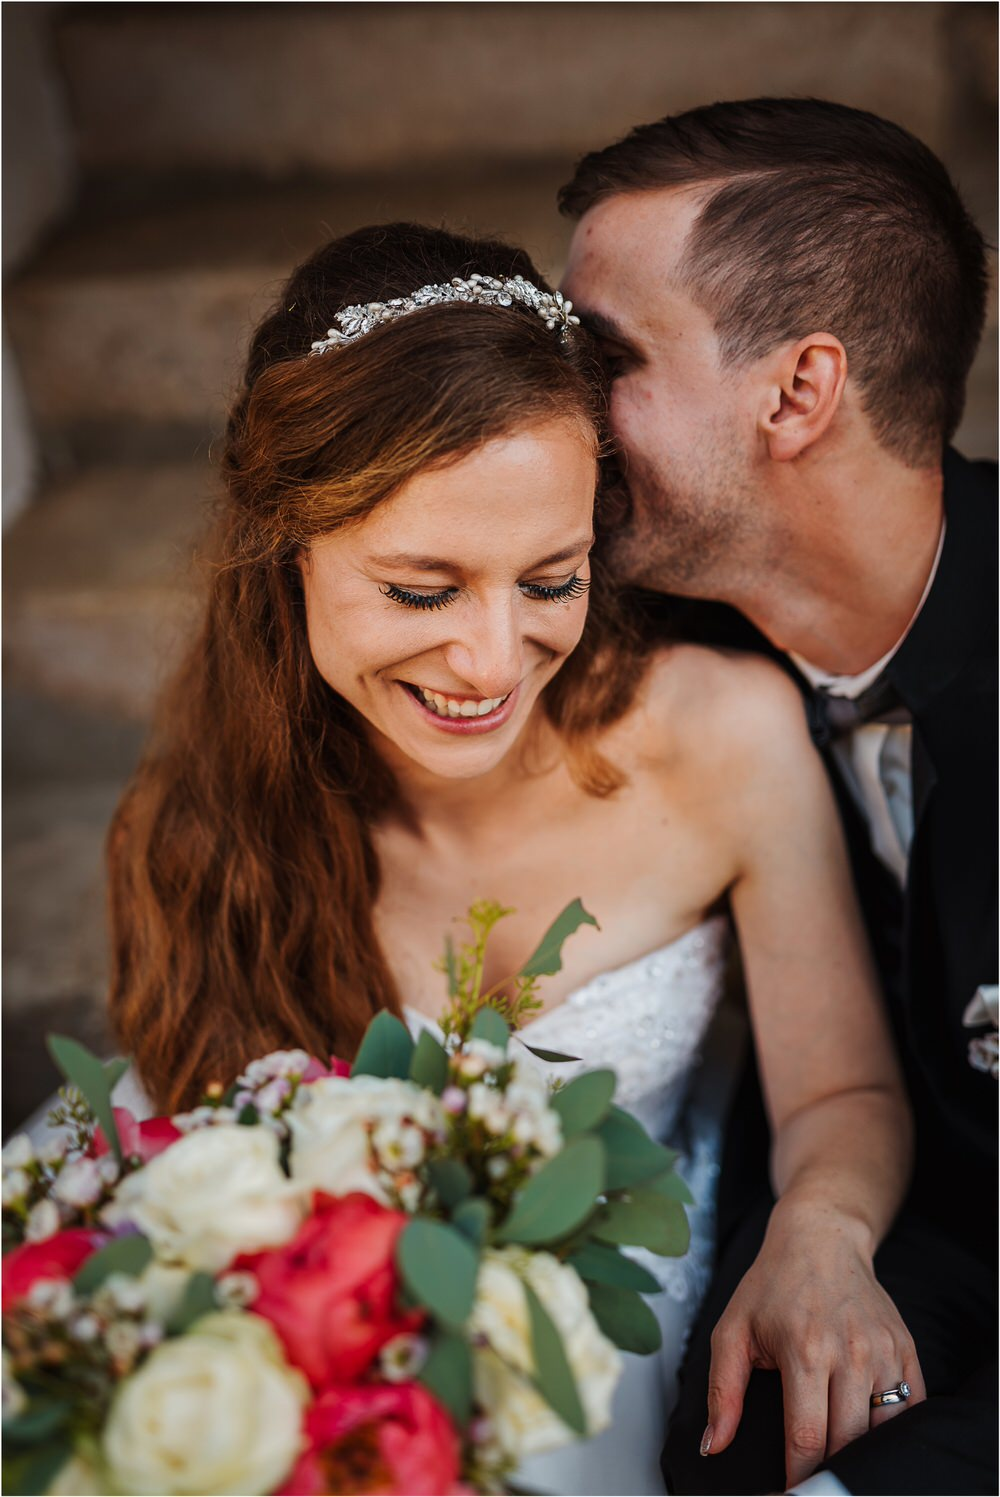 zicka kartuzija poroka porocni fotograf fotografija luka in ben loce elegantna poroka slovenski porocni fotograf  0072.jpg